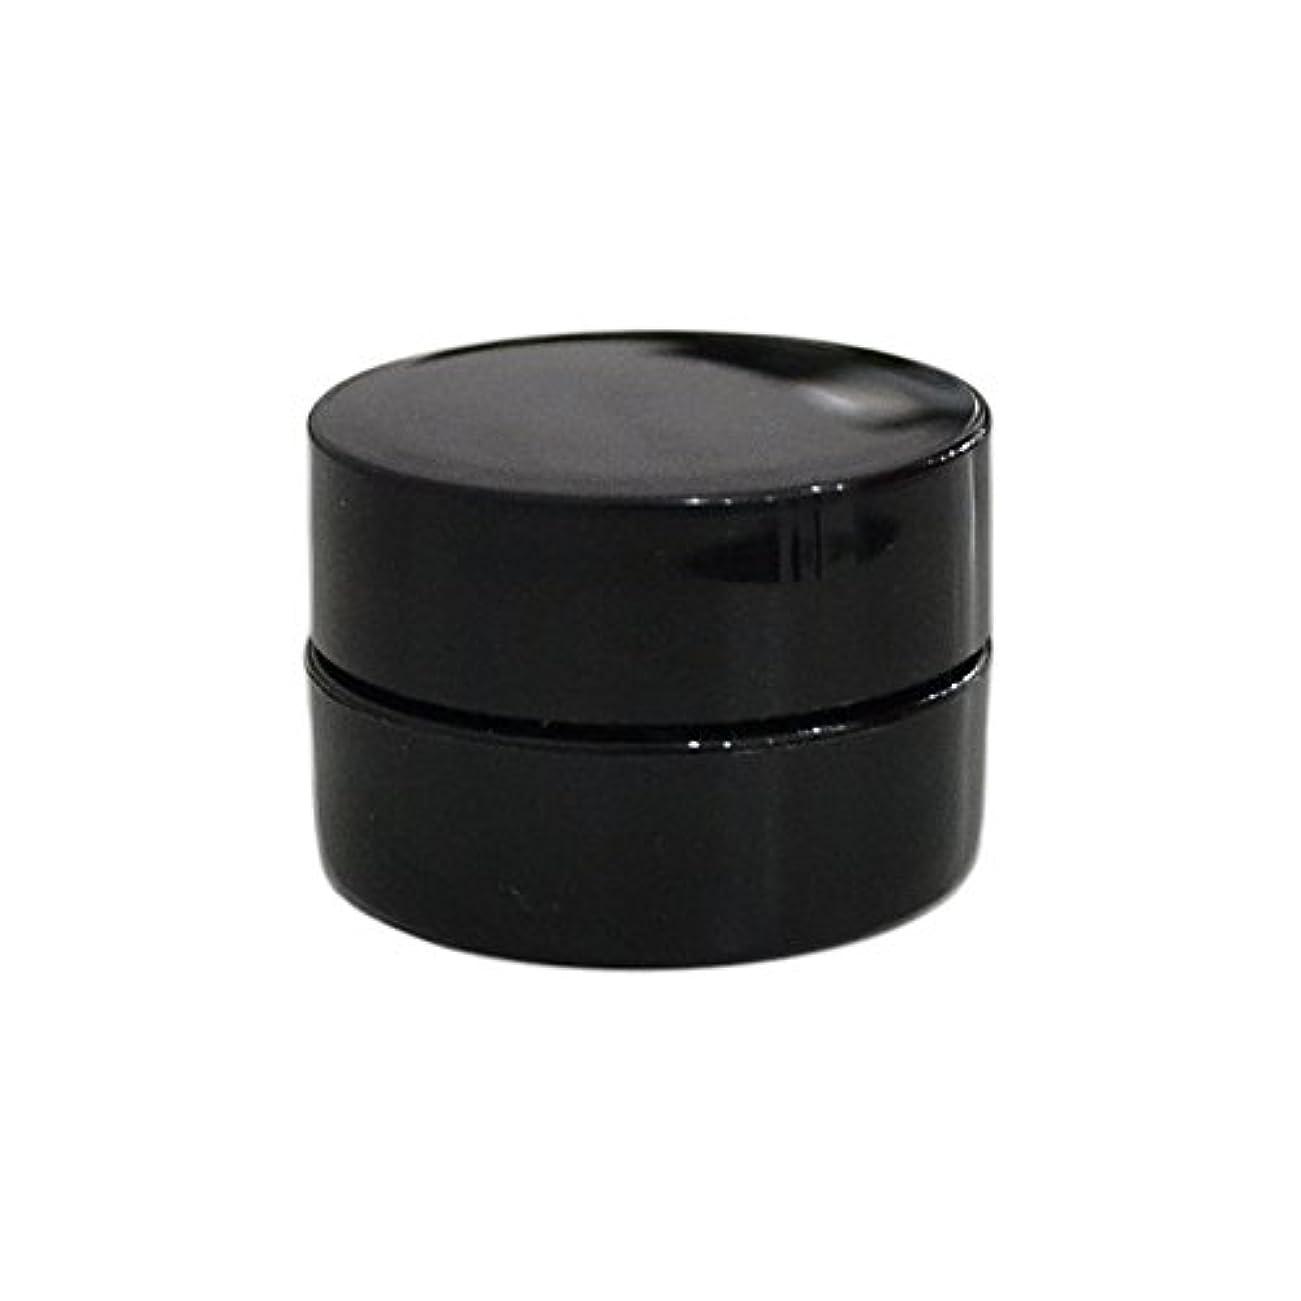 実用的時代延ばす10個セット/純国産ネイルジェルコンテナ 3g用 GA3g 漏れ防止パッキン&ブラシプレート付容器 ジェルを無駄なく使える底面傾斜あり 遮光 黒 ブラック